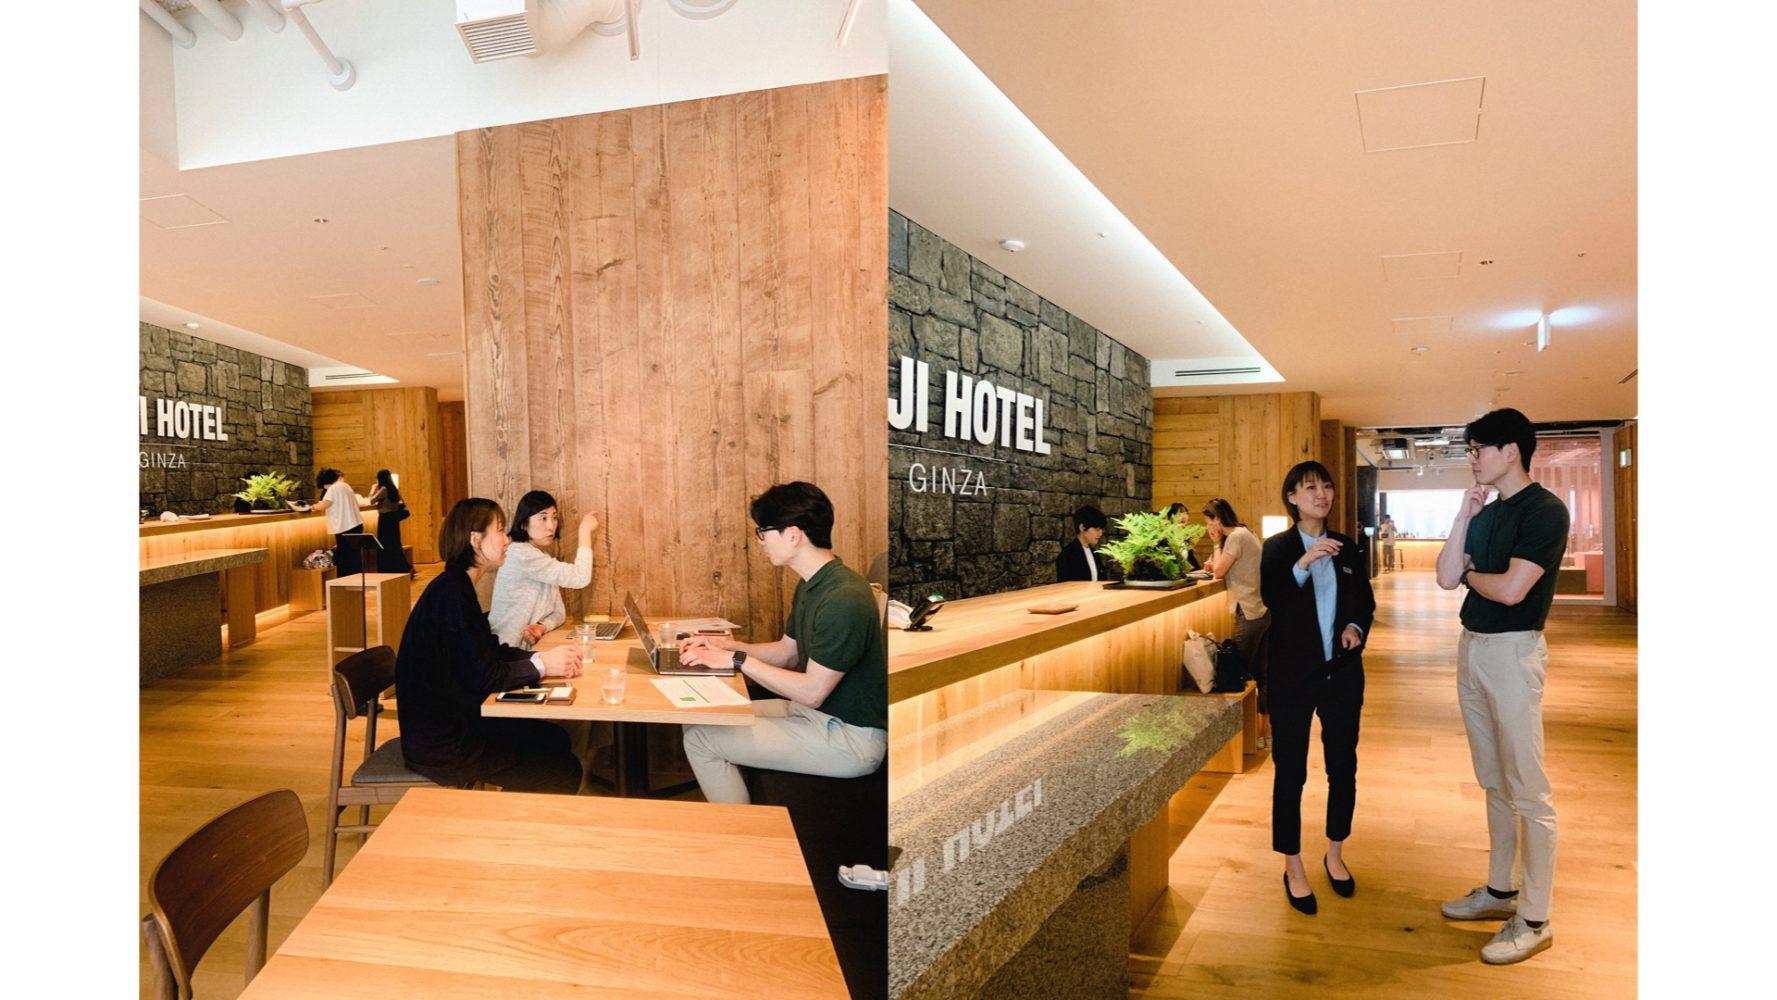 무지 호텔 긴자 운영을 총괄하는 후쿠시마 하루카 총지배인 인터뷰는 무지 호텔 긴자 일식당 '와'에서 진행했다. ©이승준